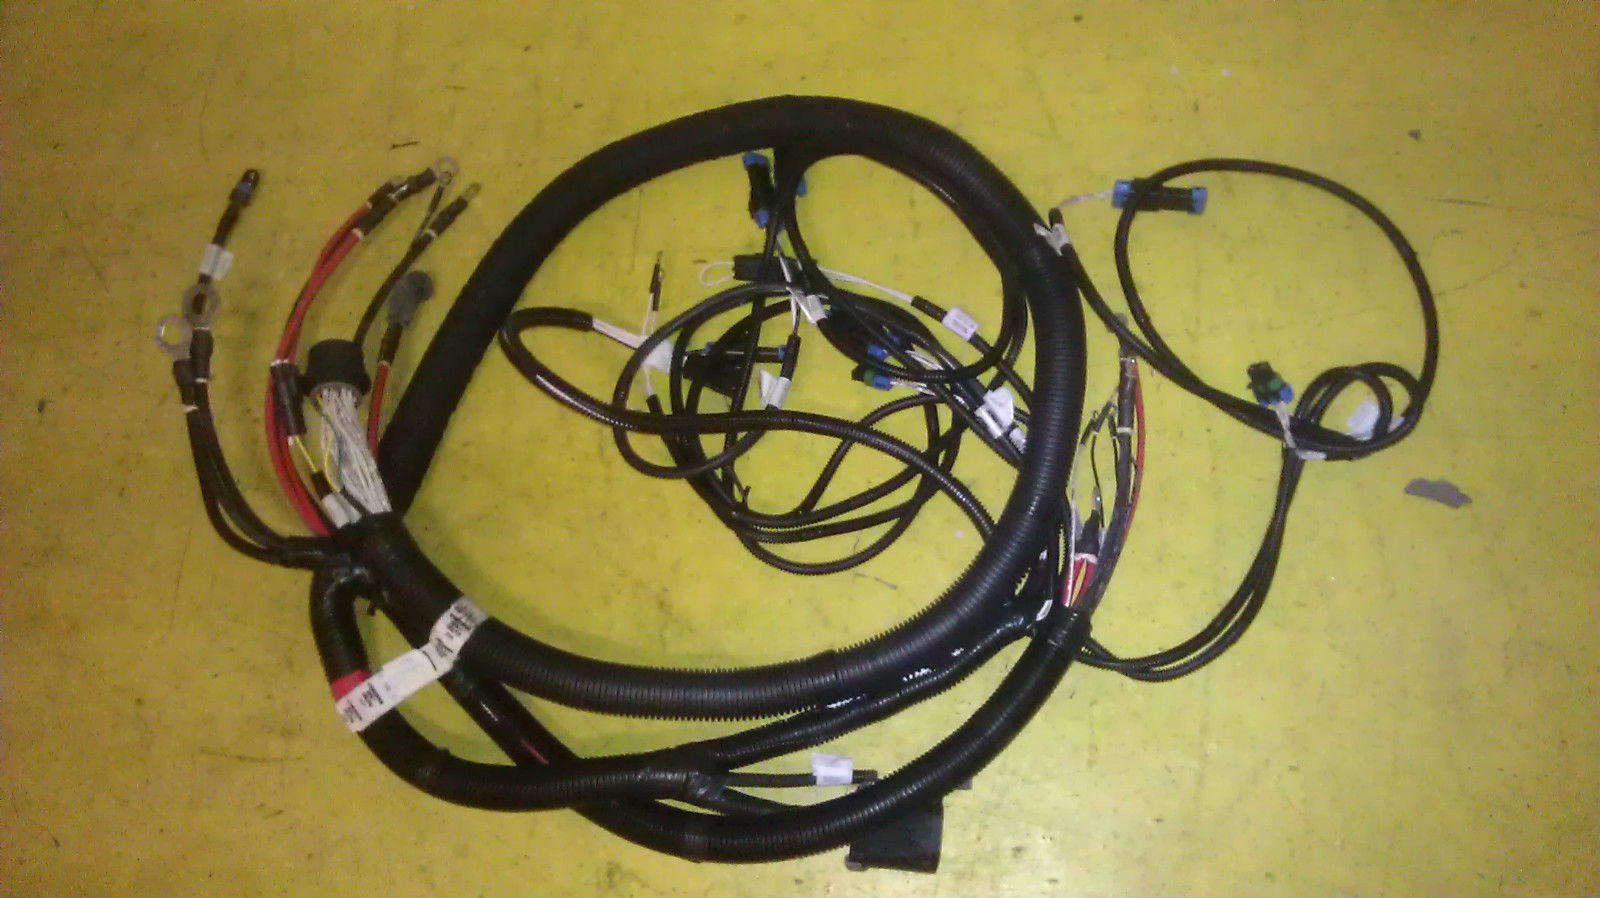 mack truck wiring harness mack automotive wiring diagrams mack truck wiring harness t2ec16rhjhoe9n3ke pmbrl oid6pq 60 57